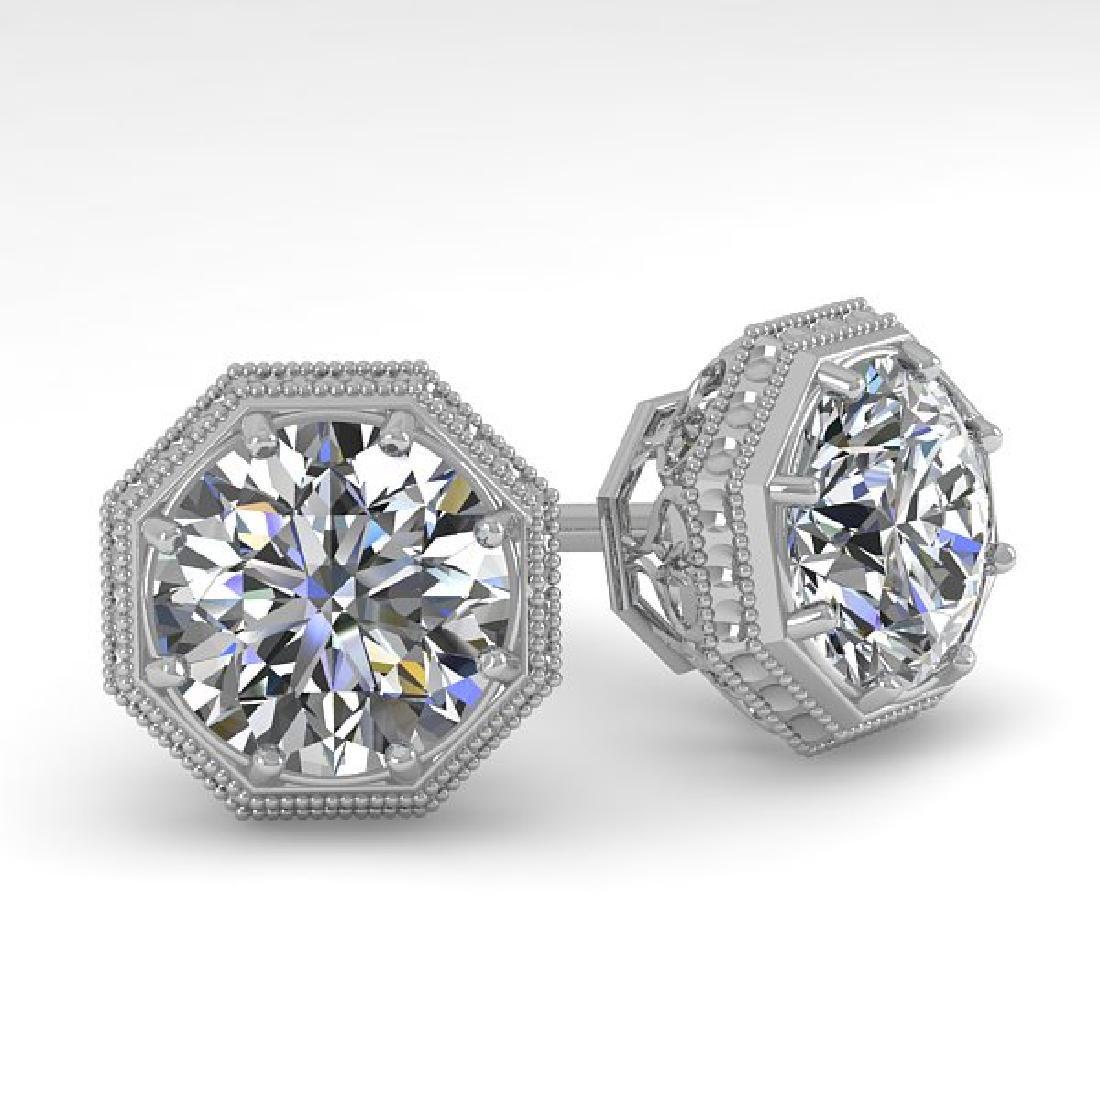 2.05 CTW Certified VS/SI Diamond Stud Earrings 14K